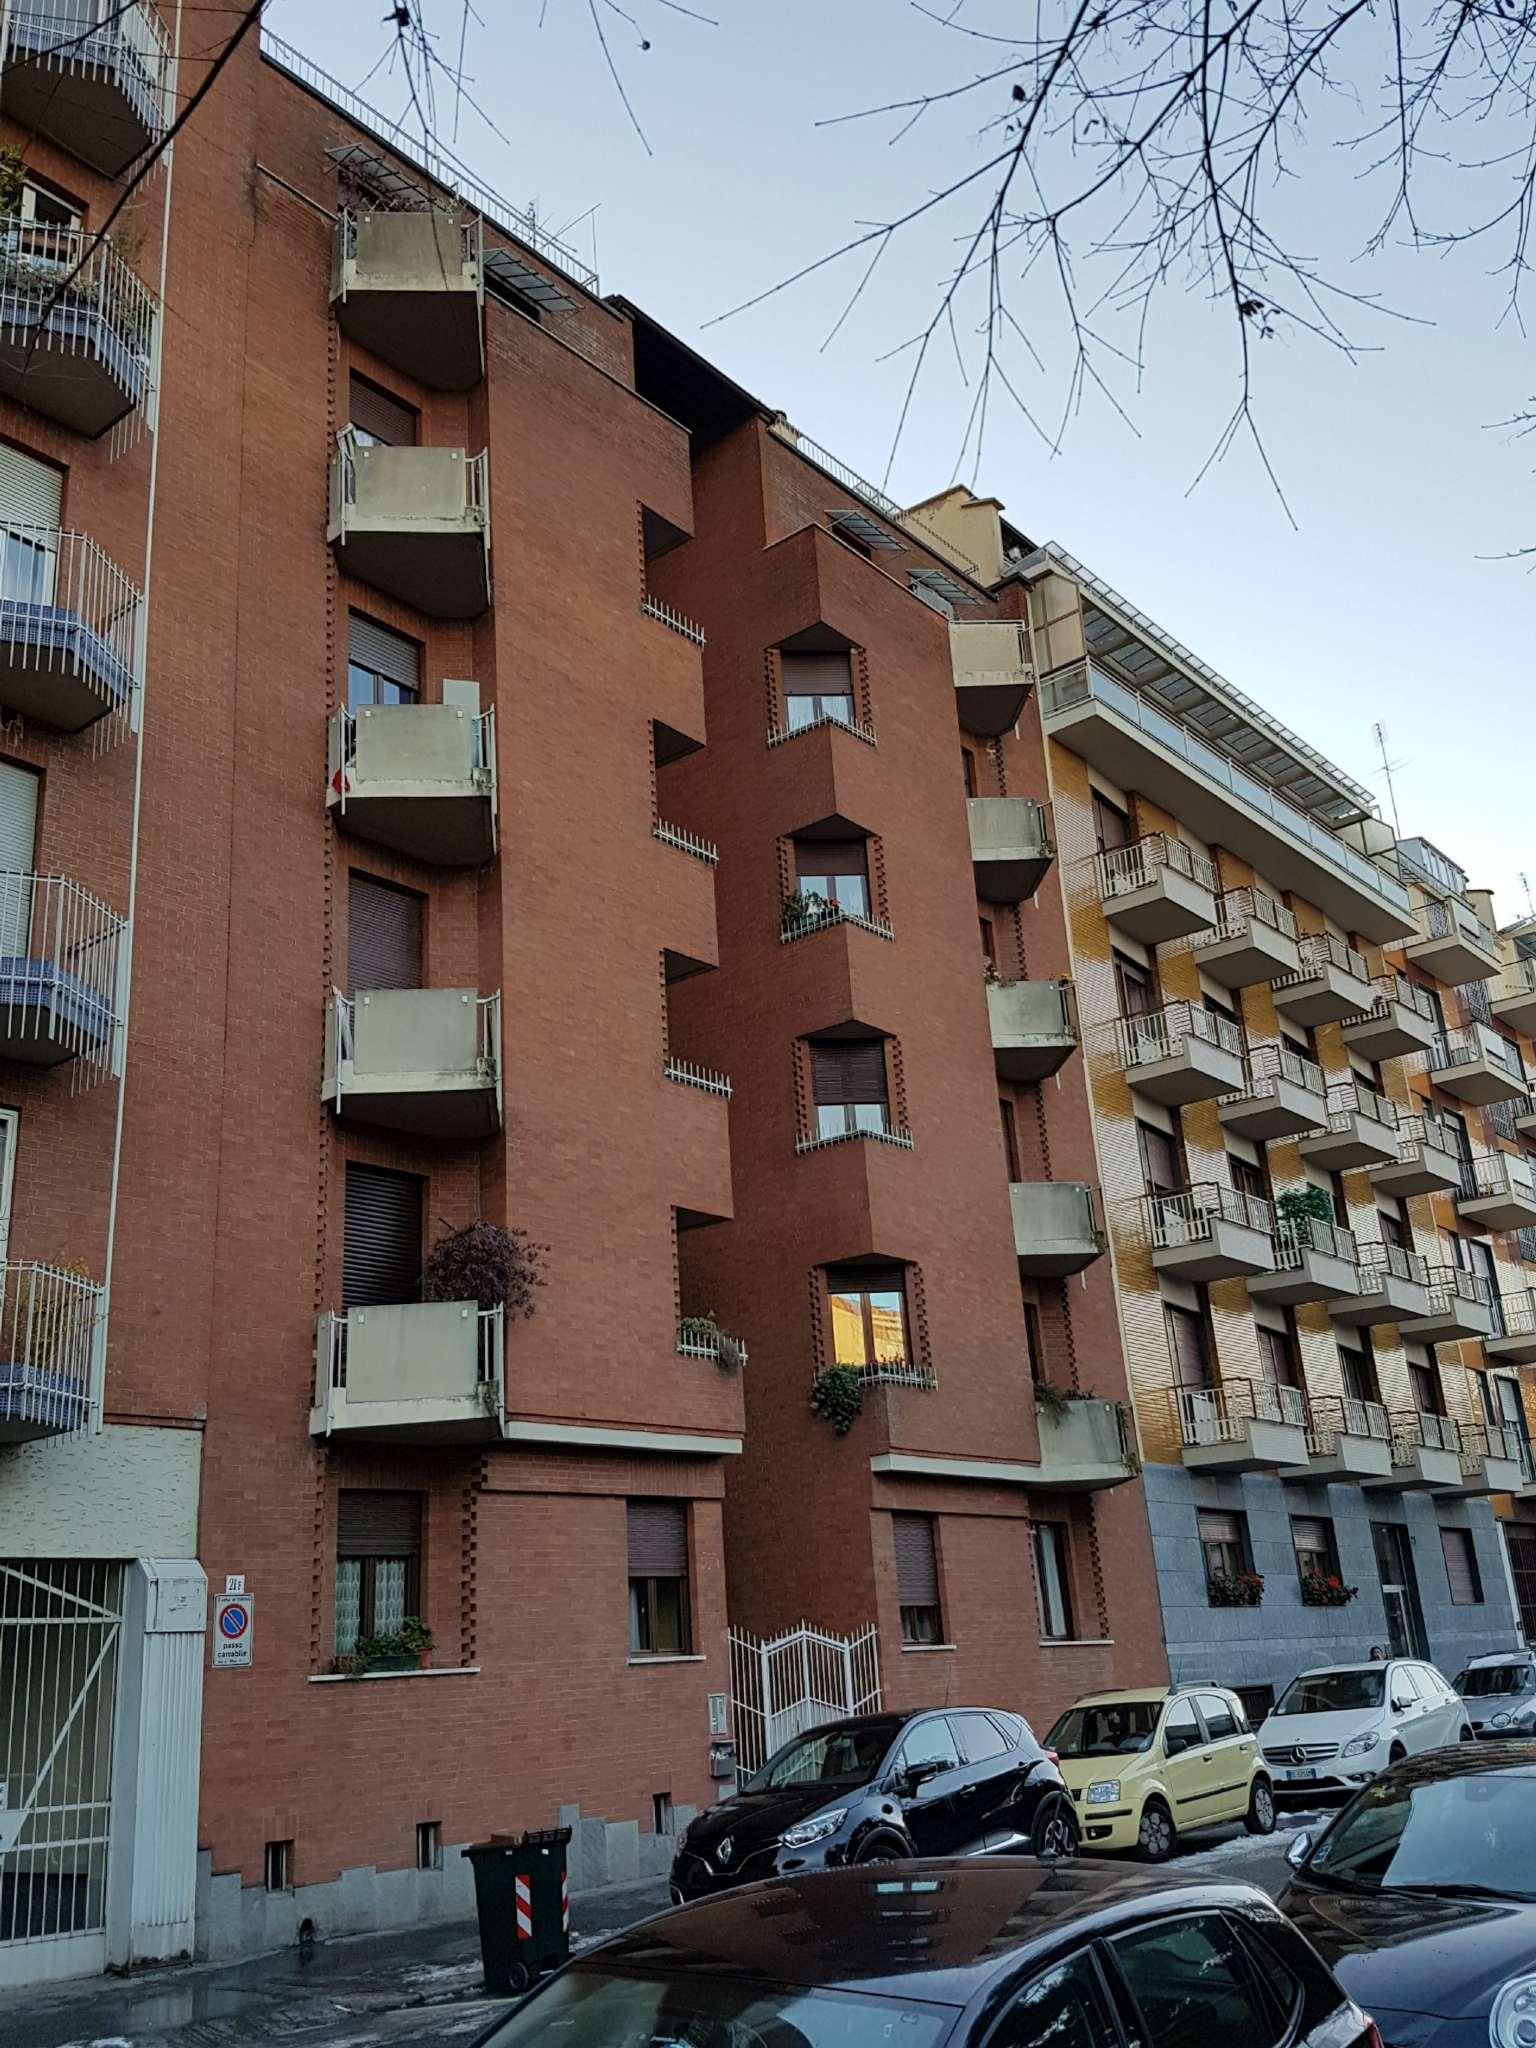 Vendita - Appartamento - Torino - PARELLA BILOCALE PIANO ALTO RISTRUTTURATO ARREDATO